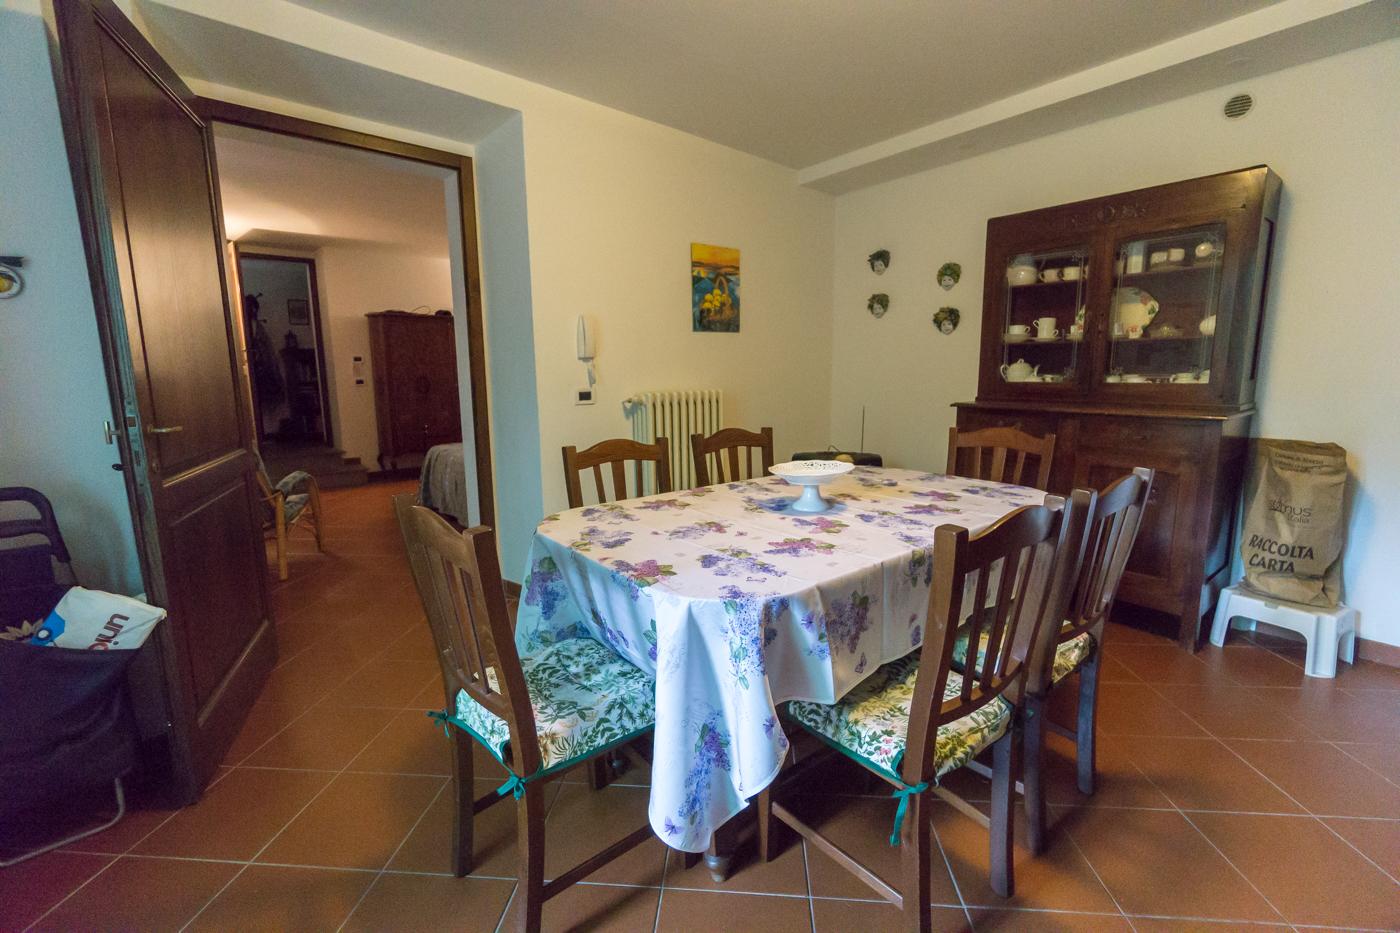 Salle à manger de l'appartement à louer à Arezzo en Toscane